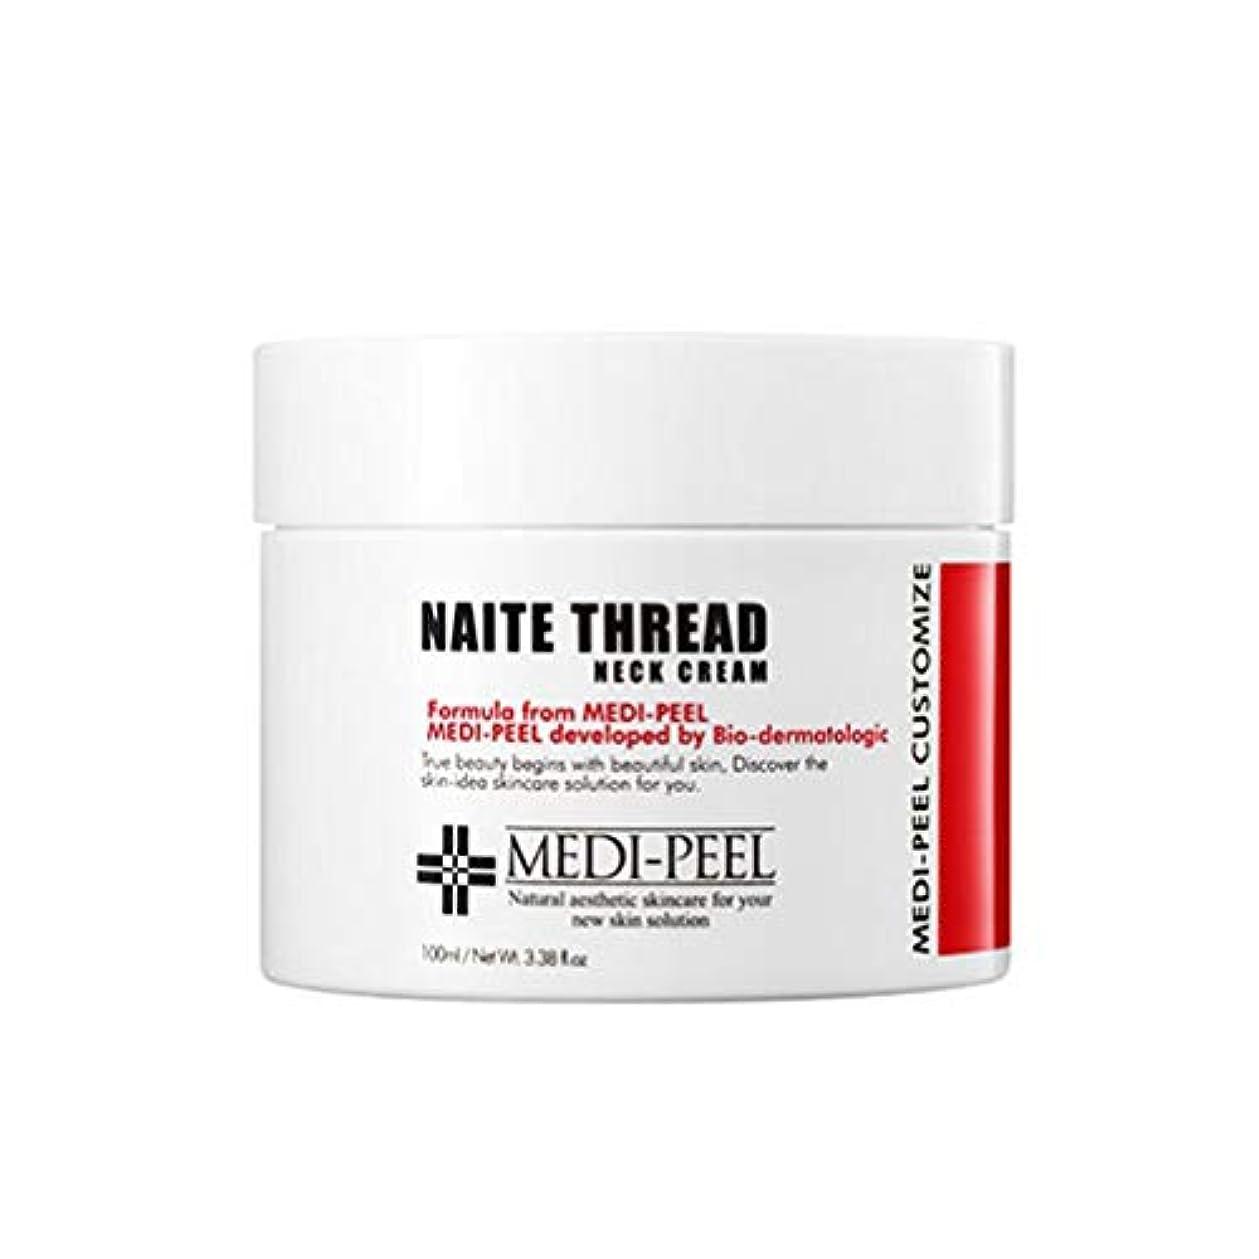 メディ?フィルナイテ糸ネッククリーム100ml 首のしわのケア韓国コスメ、Medi-Peel Naite Thread Neck Cream 100ml Korean Cosmetics [並行輸入品]